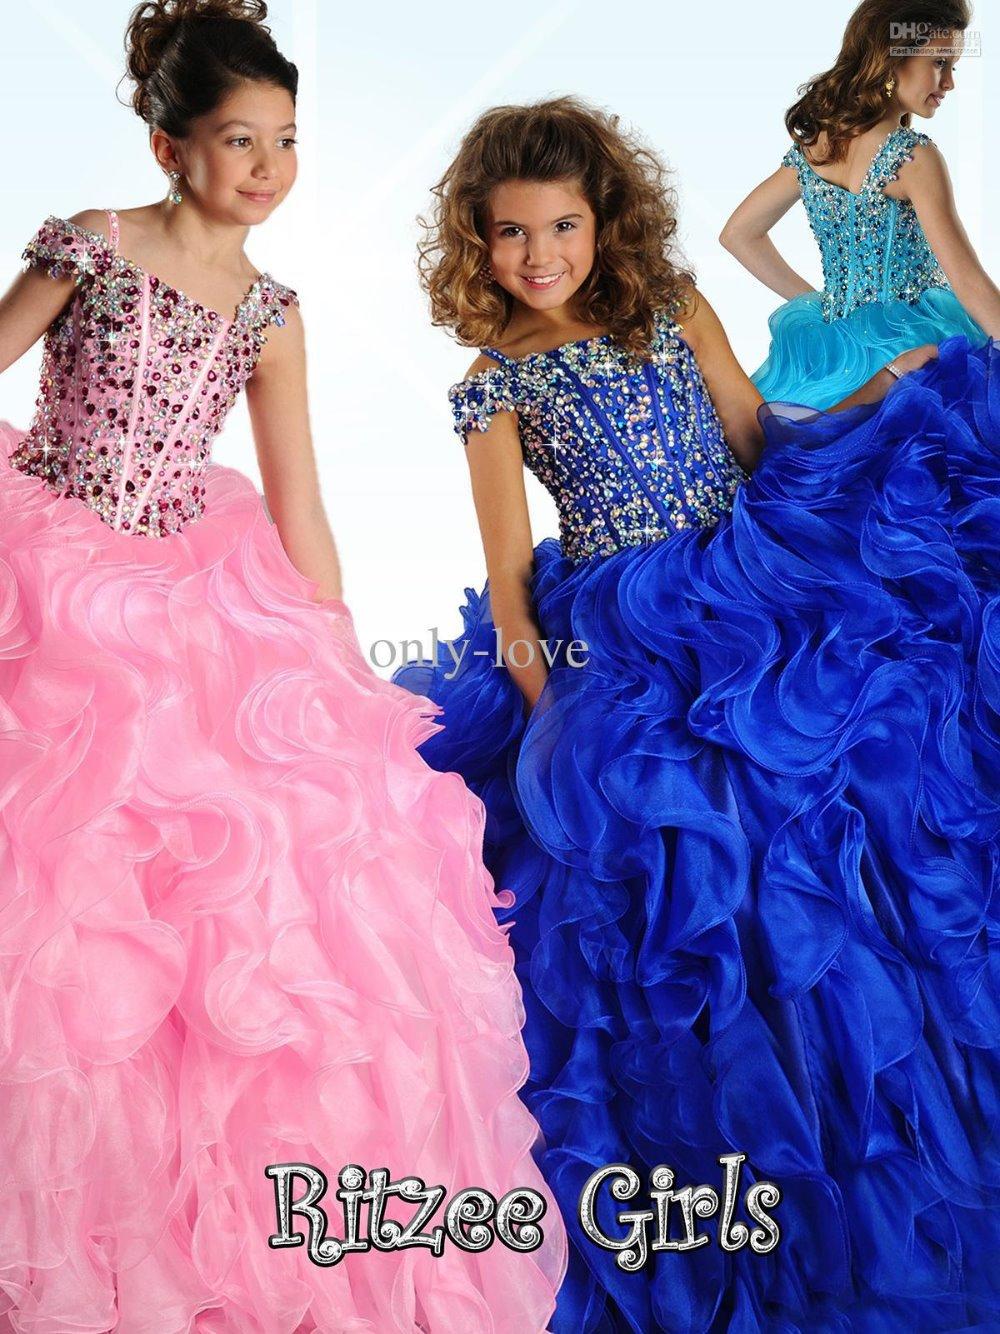 Flower Girl Dress 2015 nieuwe Een schoonheidsspectakel jurk kristal - Bruiloft feestjurken